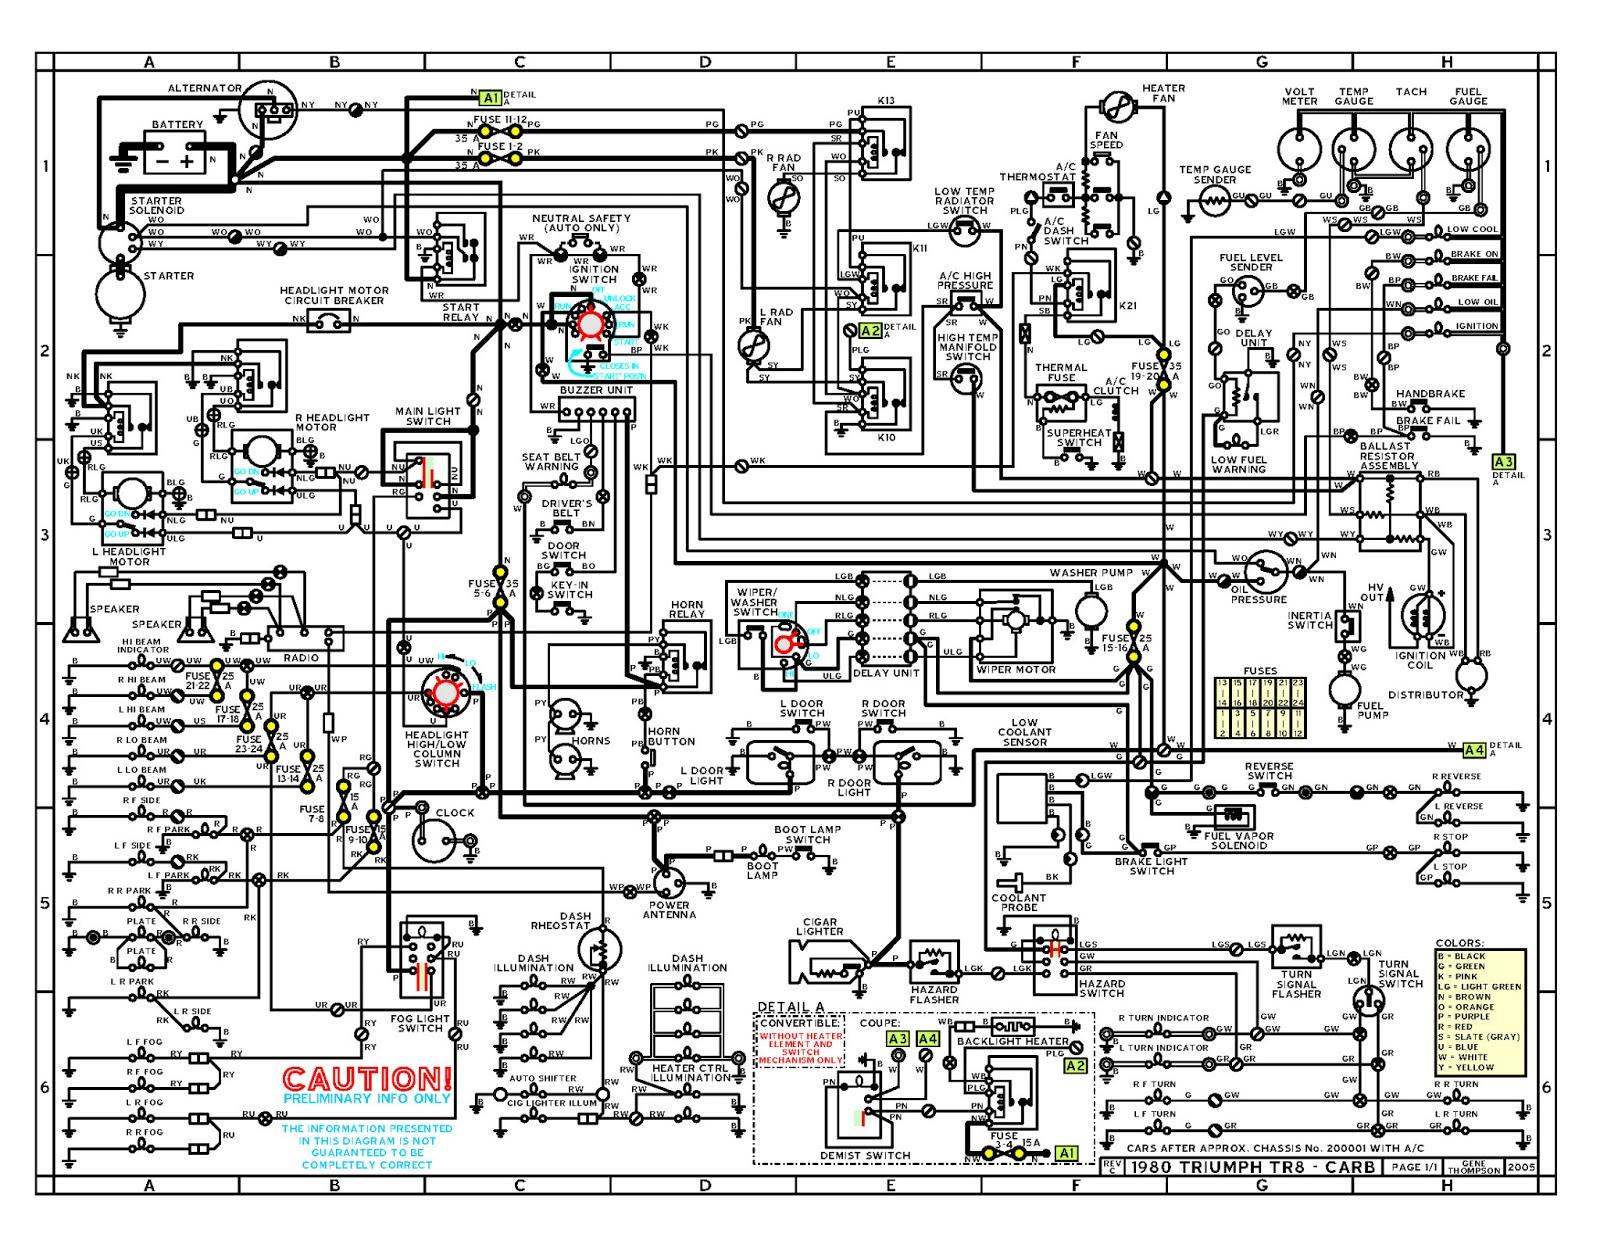 1970 triumph spitfire wiring diagram dolgular com Triumph TR7 Speedometer  Triumph TR7 Engine Triumph Tr4a Wiring Diagram Triumph Tr4 Wiring Diagram